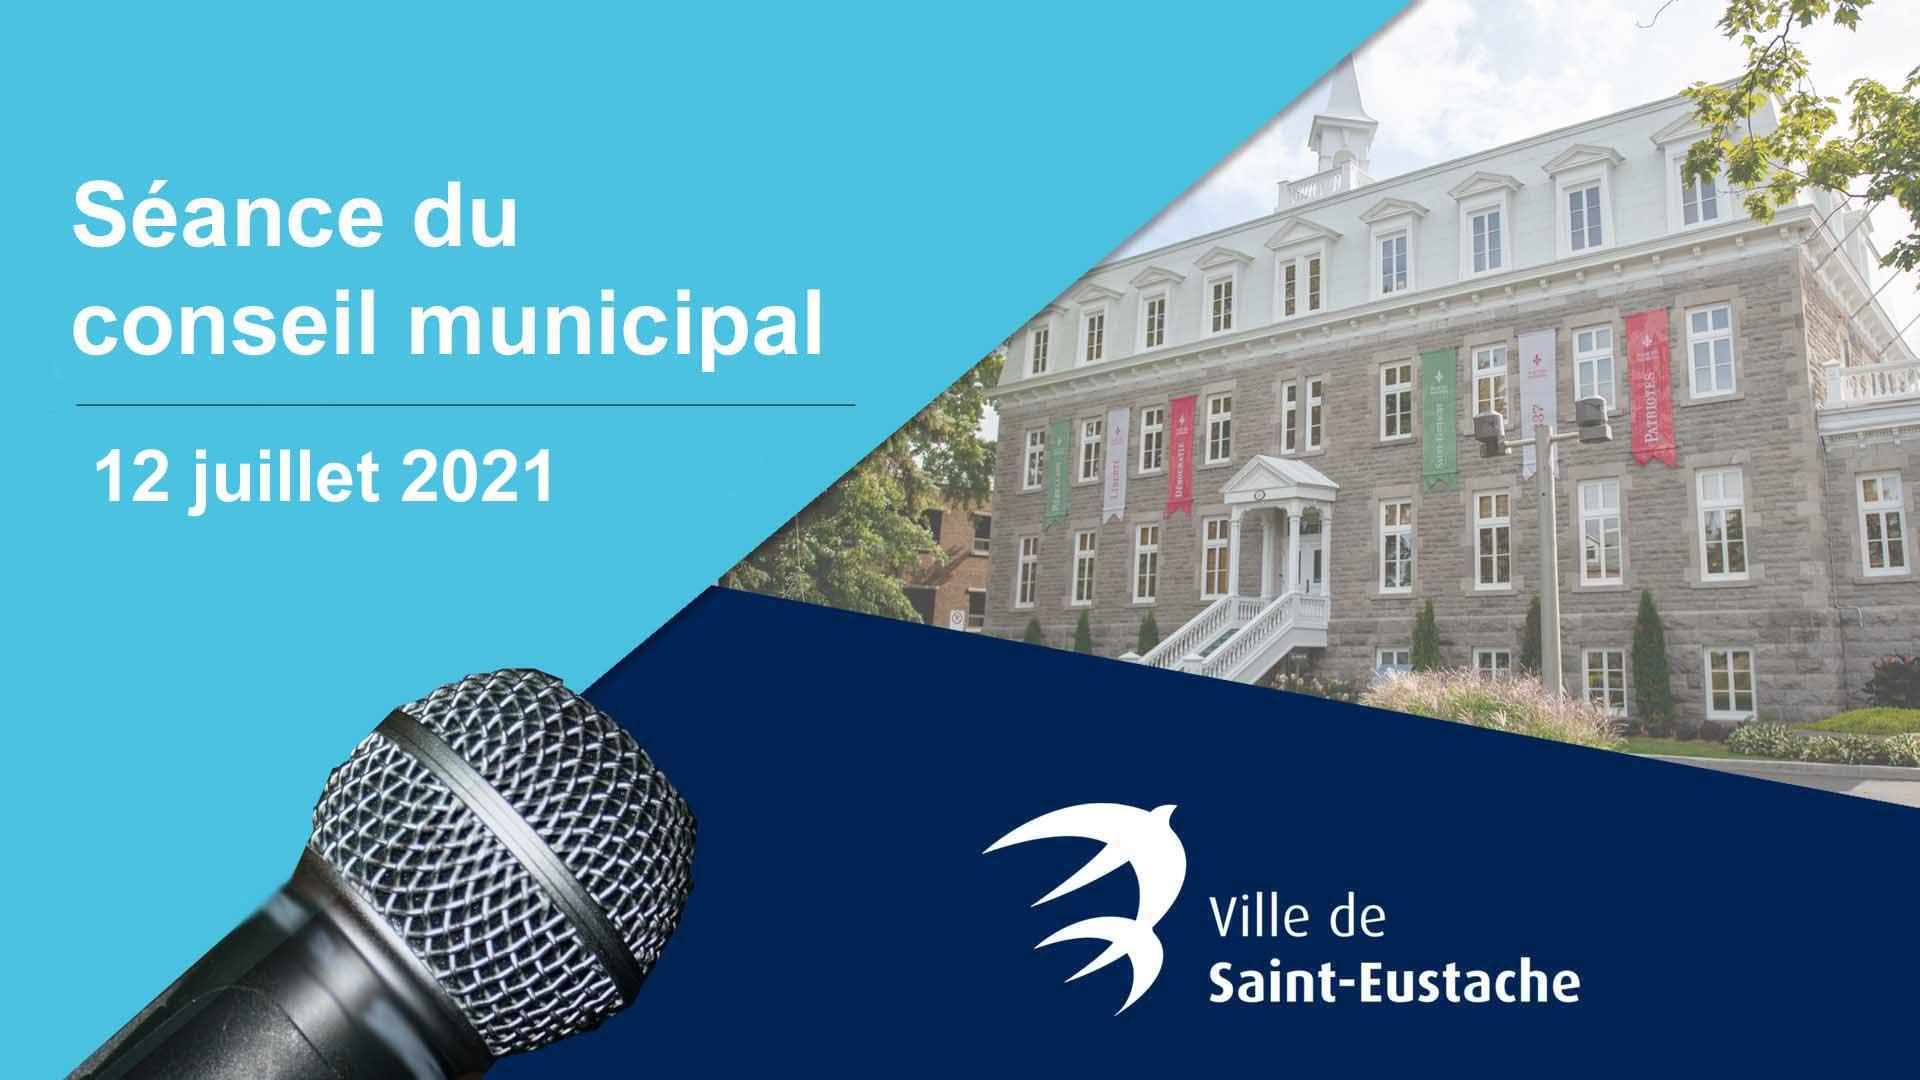 Ville de saint-Eustache - Séance ordinaire du conseil municipal à huis clos le 12 juillet 2021